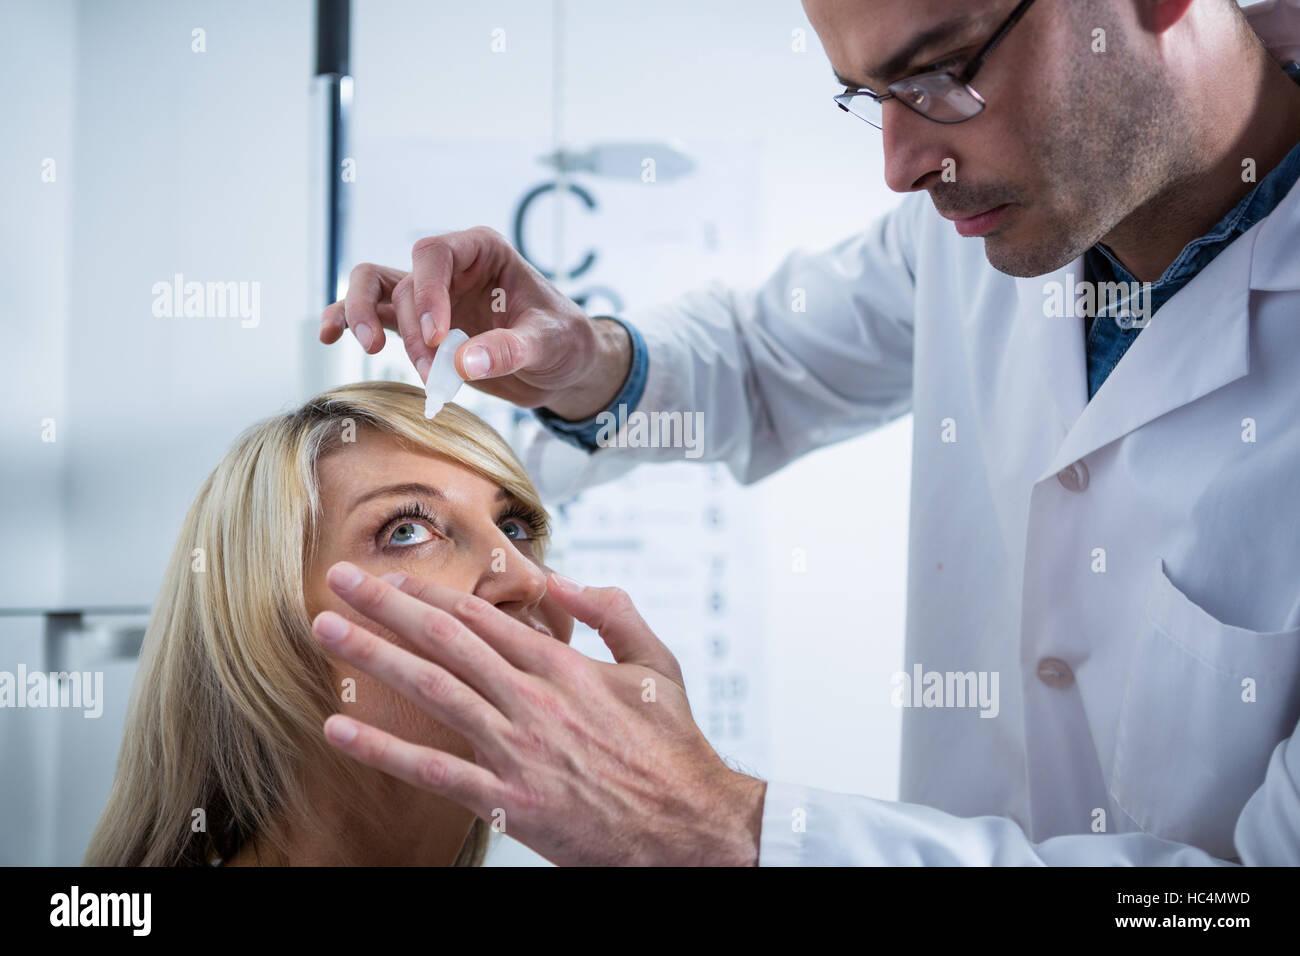 Optométriste mettre gouttes dans les yeux des patients Photo Stock